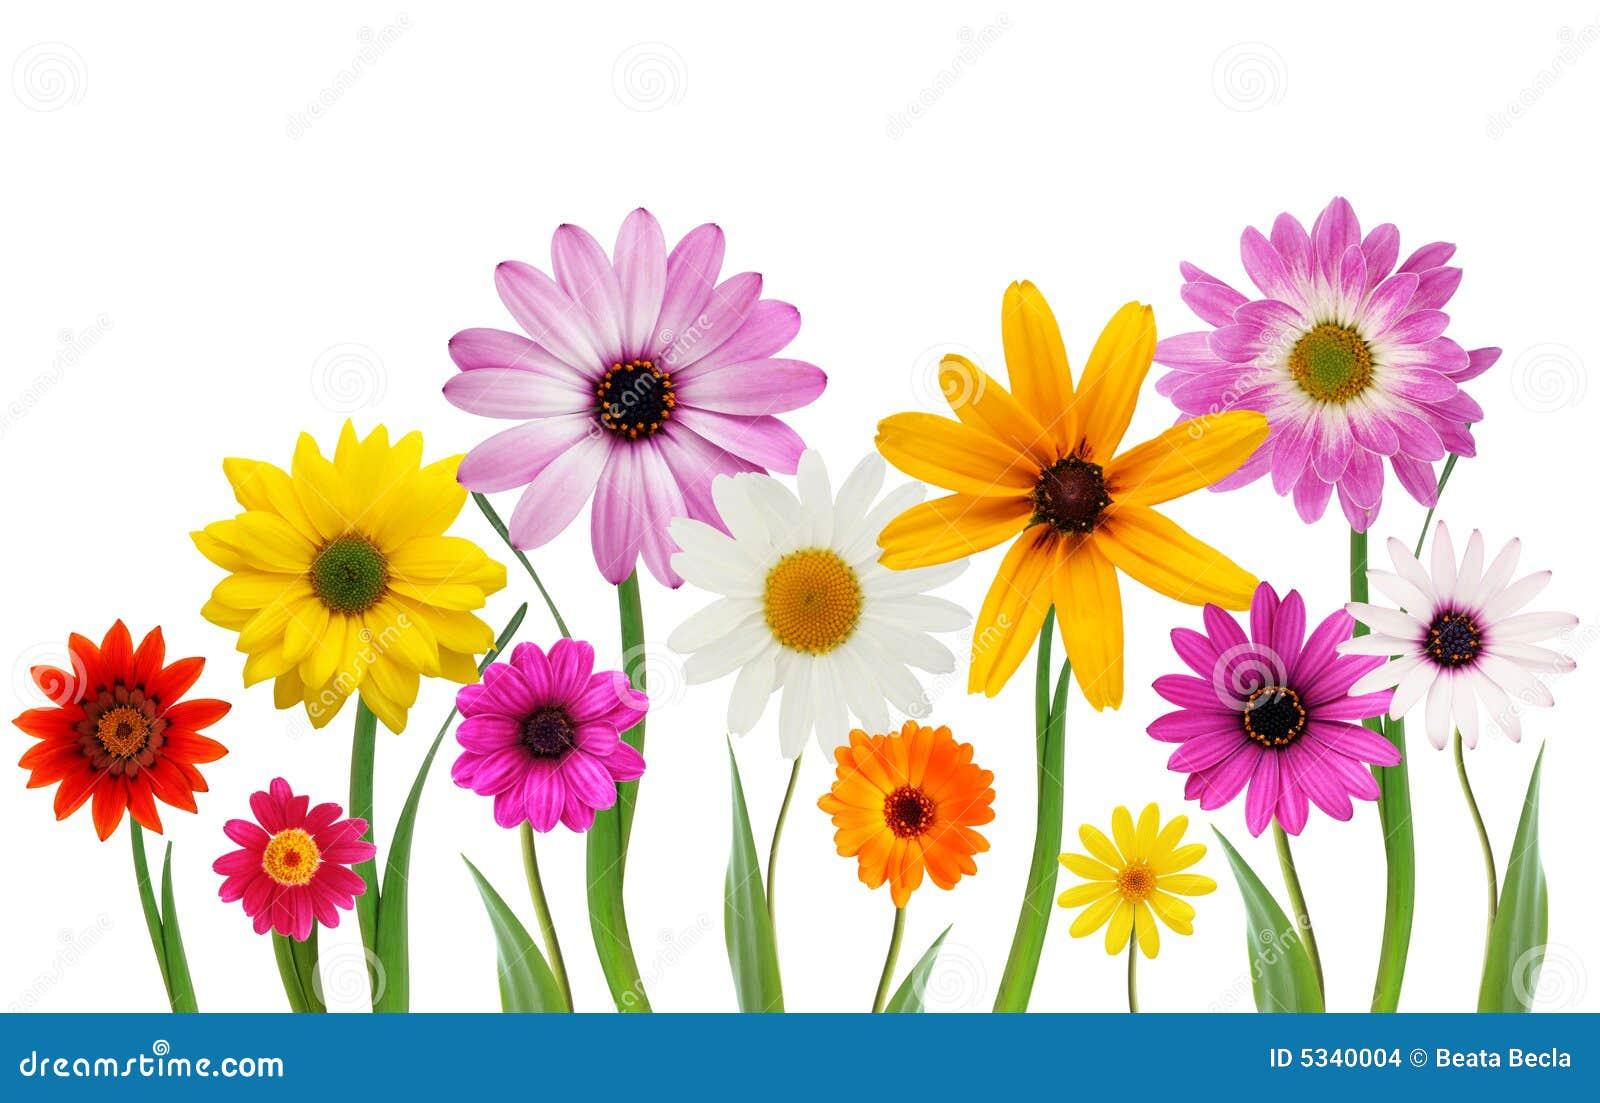 Sommergänseblümchen